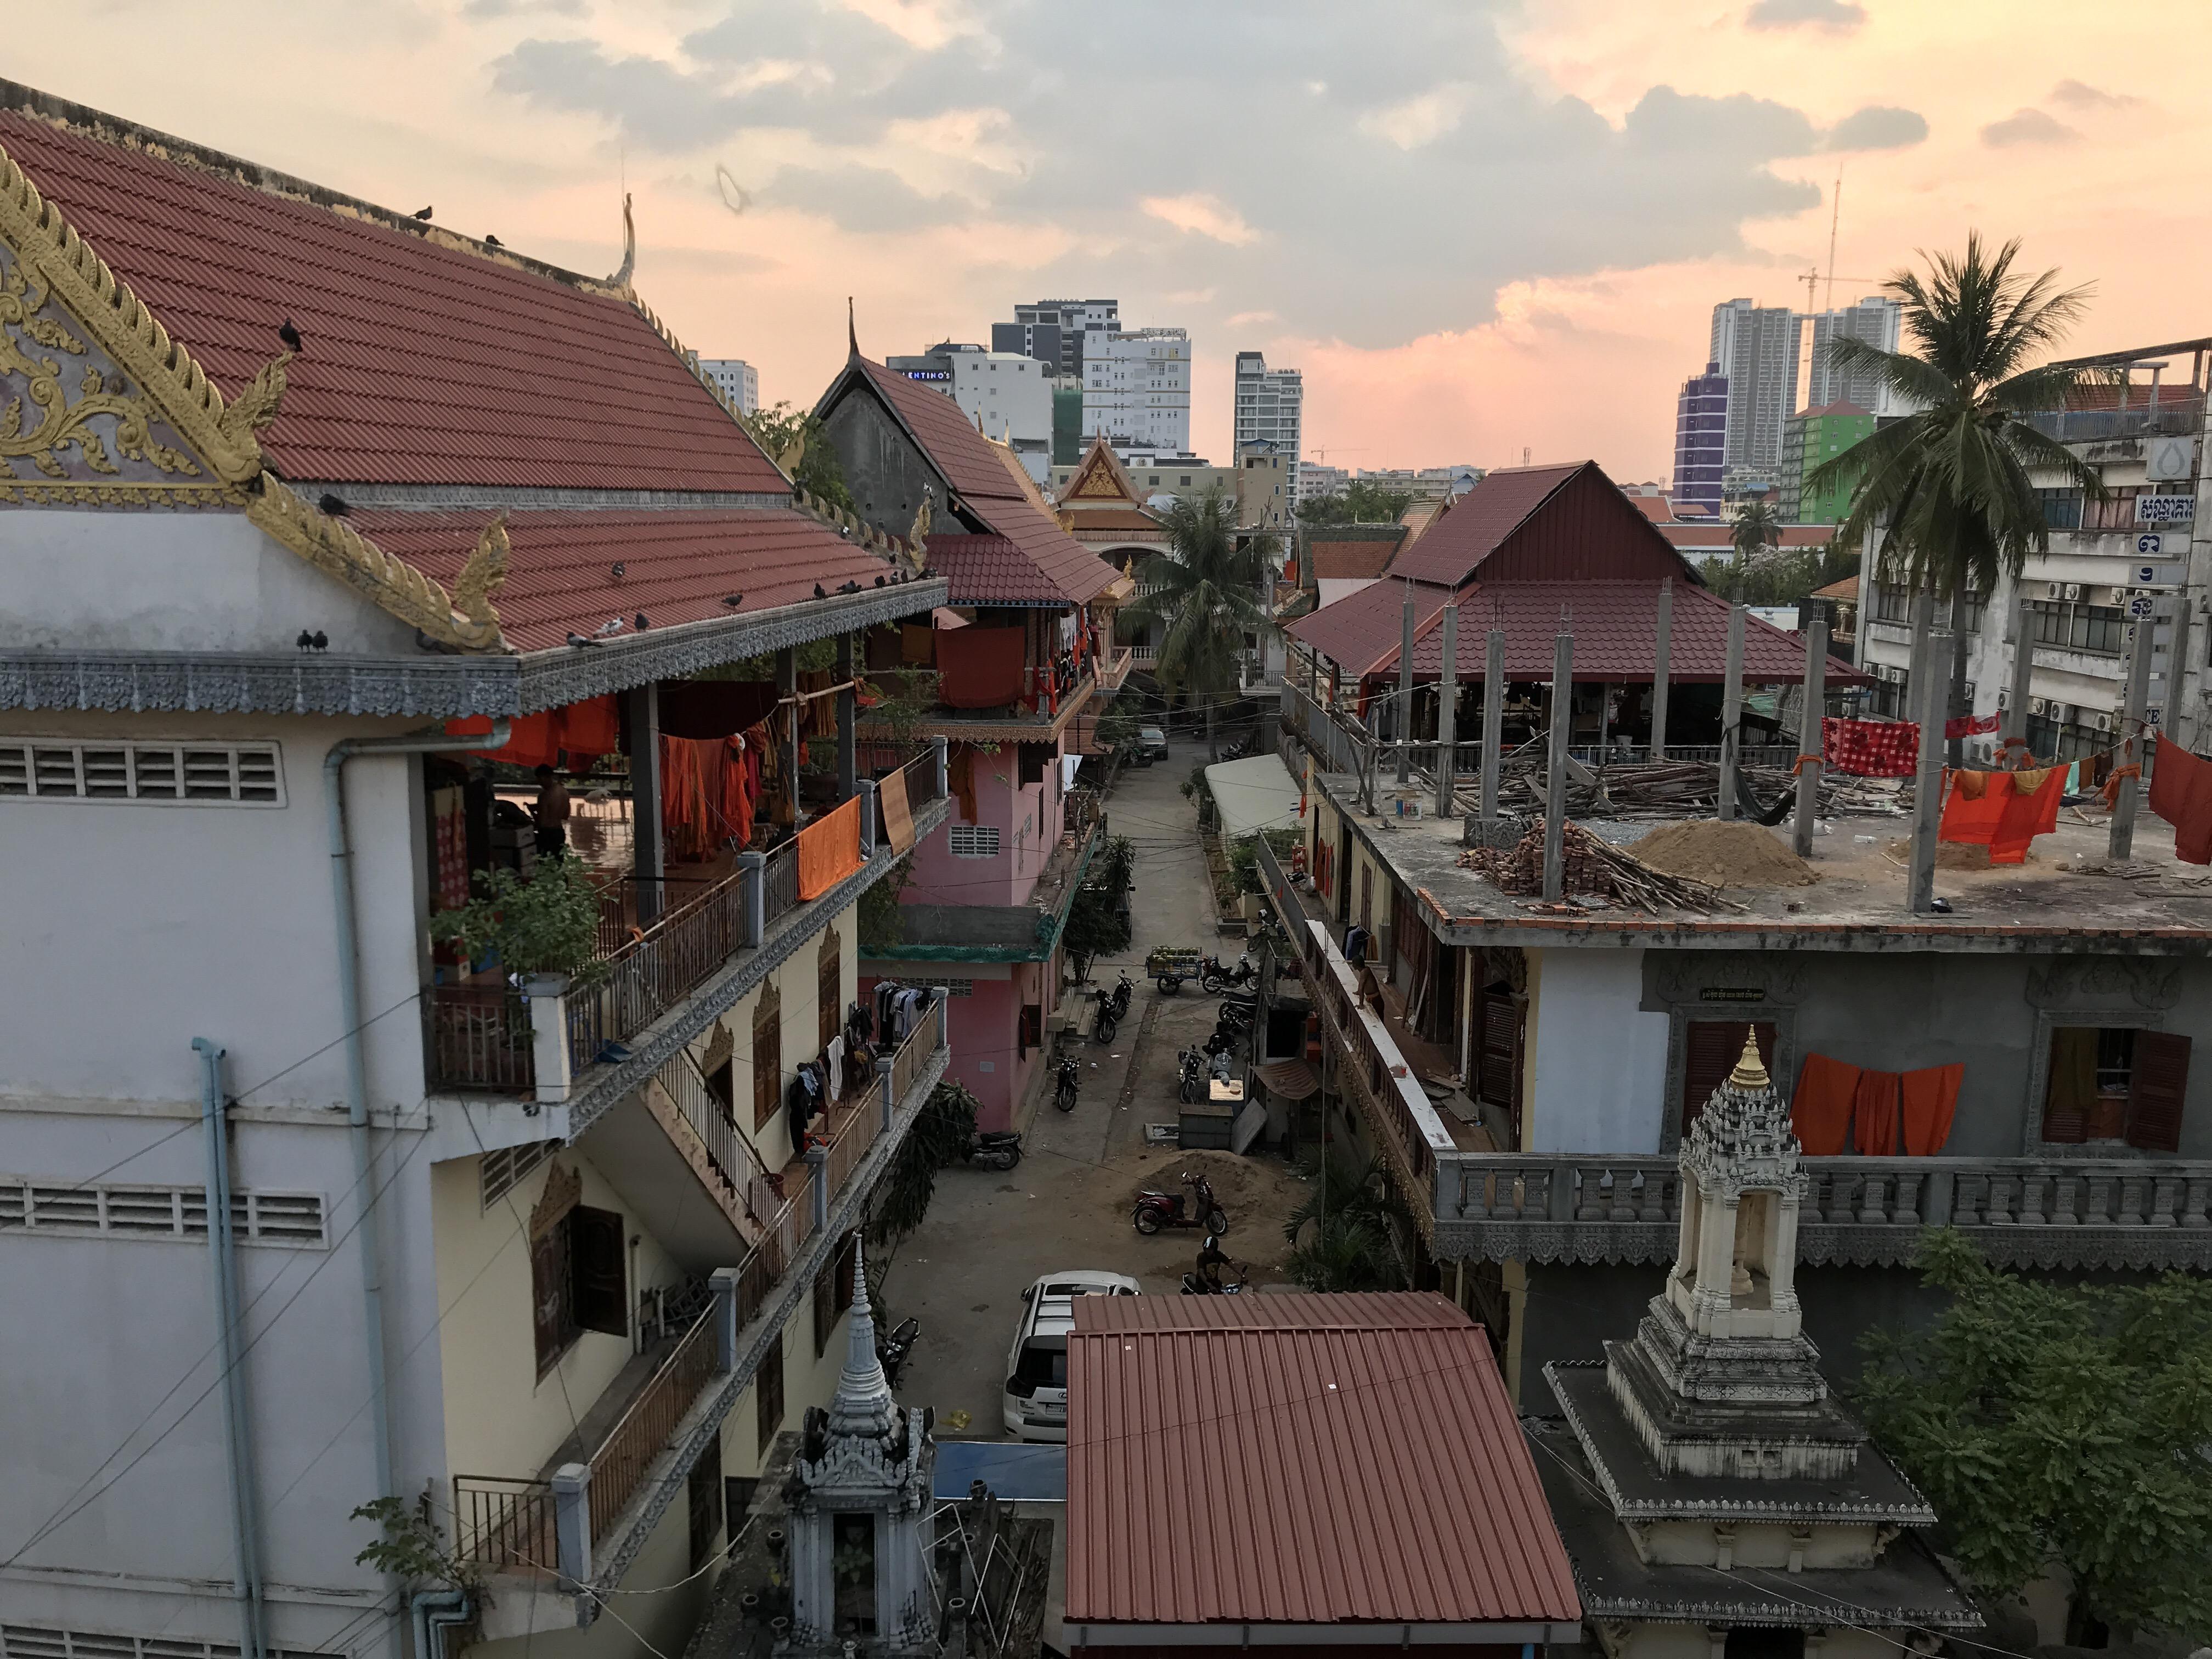 Kambodjanska förstaintryck